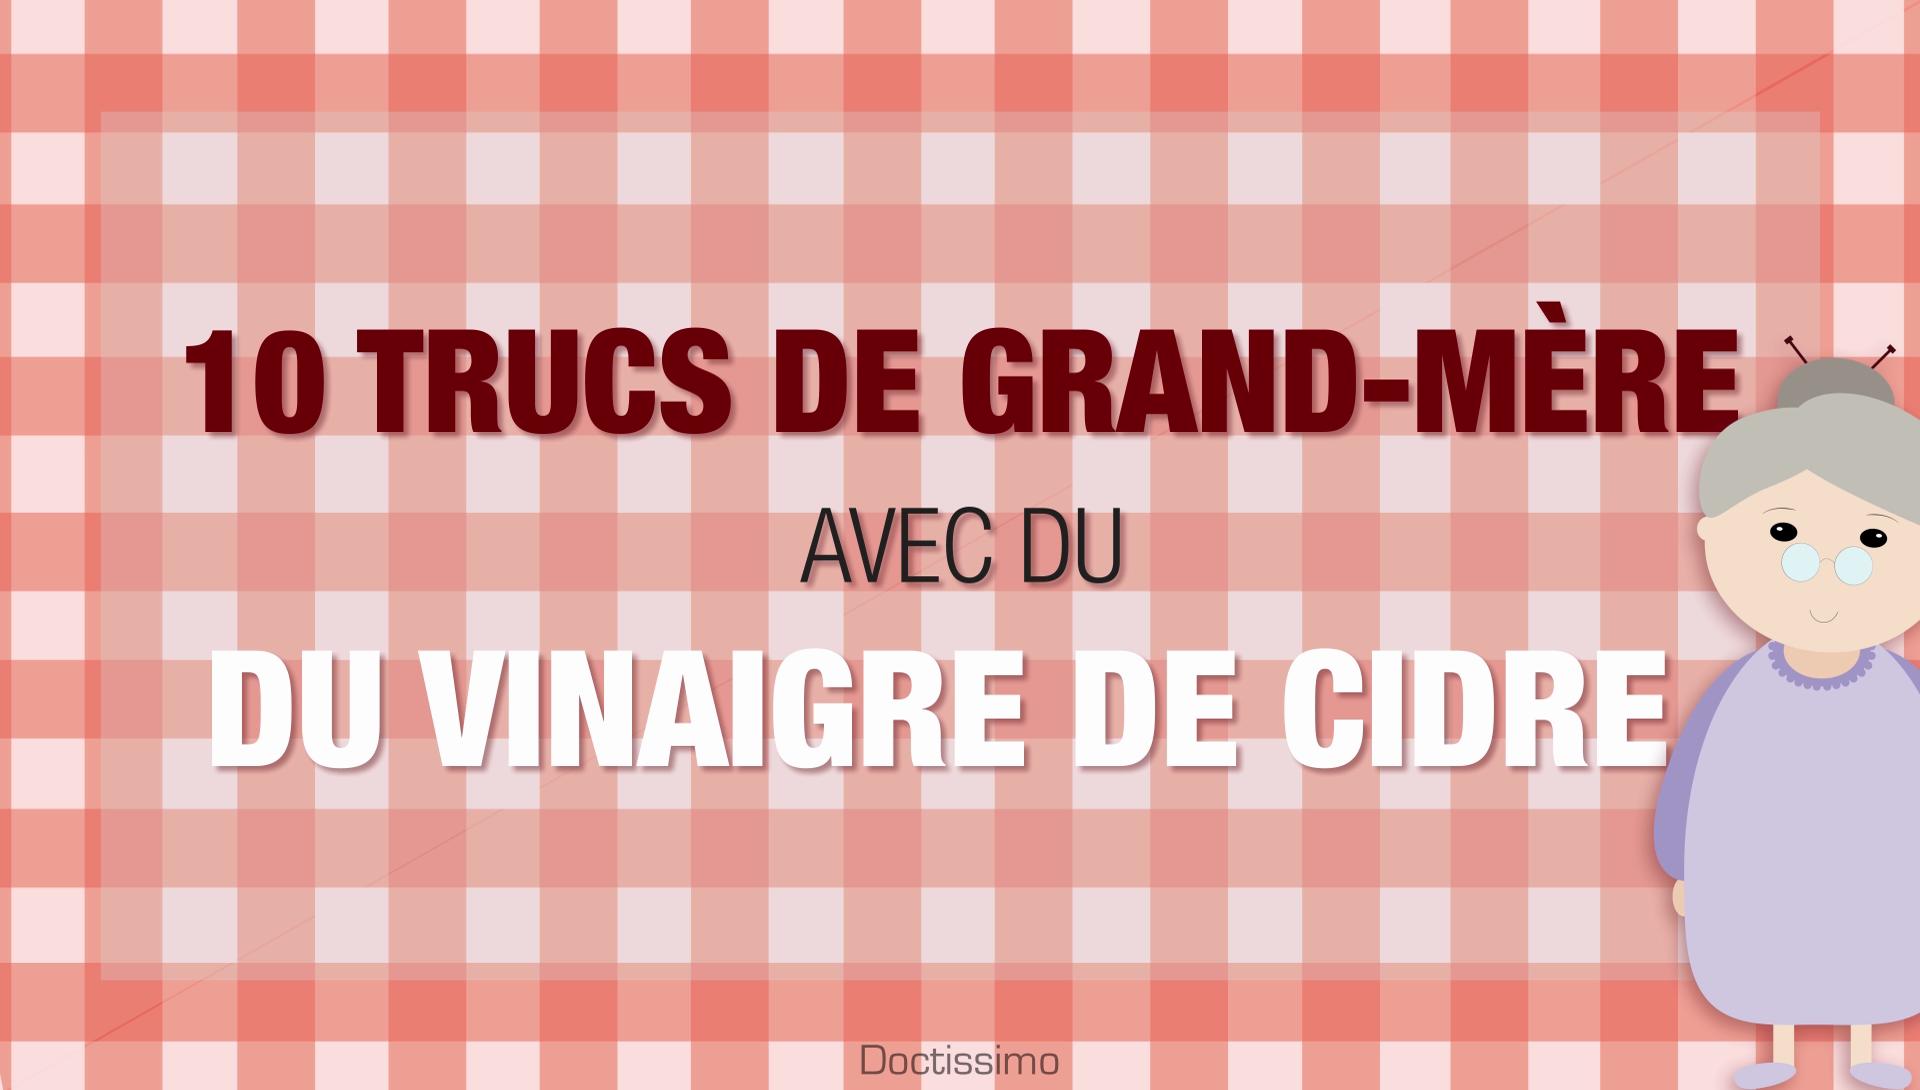 10 trucs de grand-mère avec du vinaigre de cidre